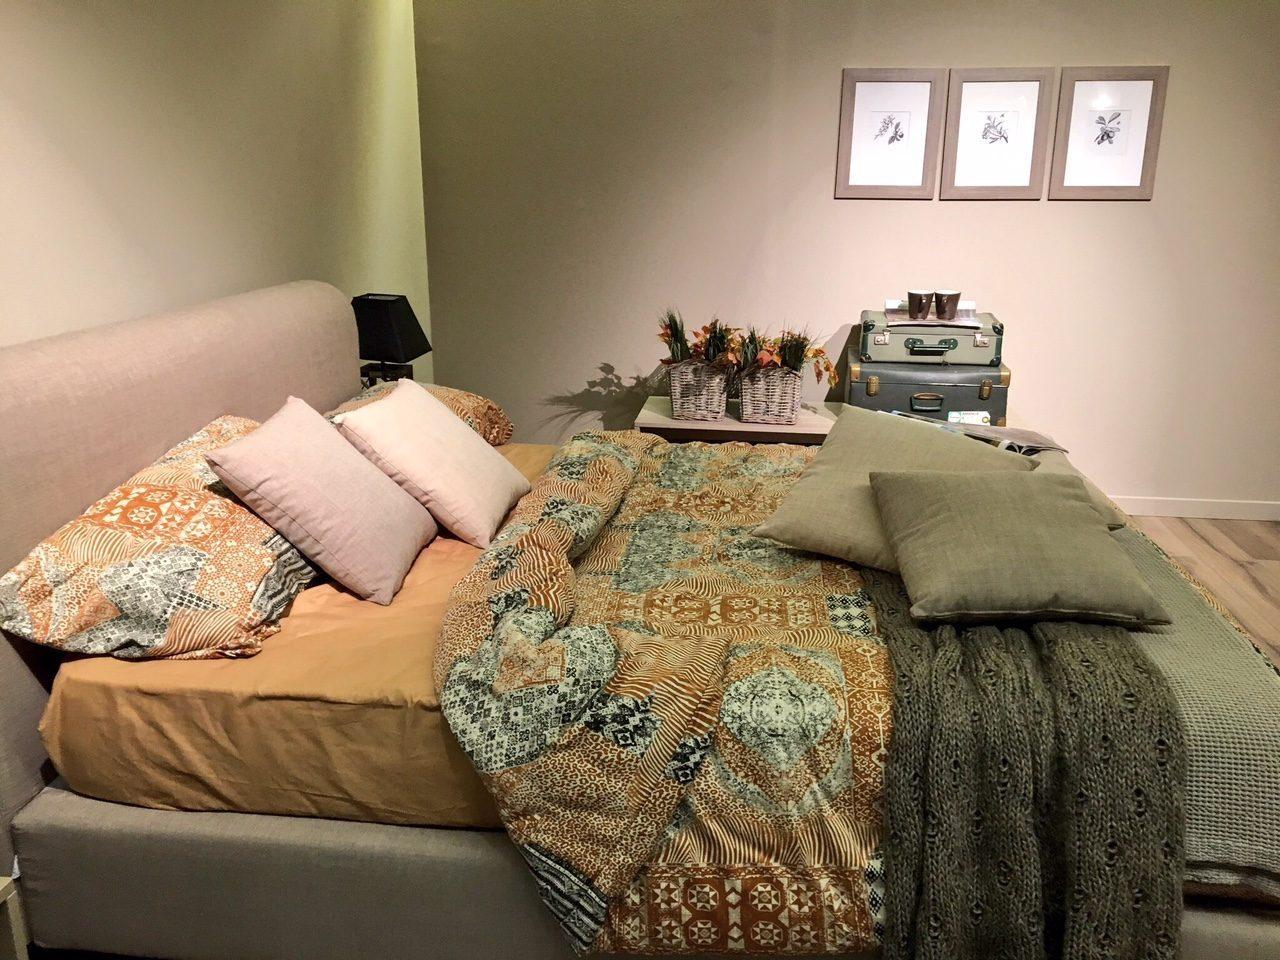 dorelan-letto-esposizione